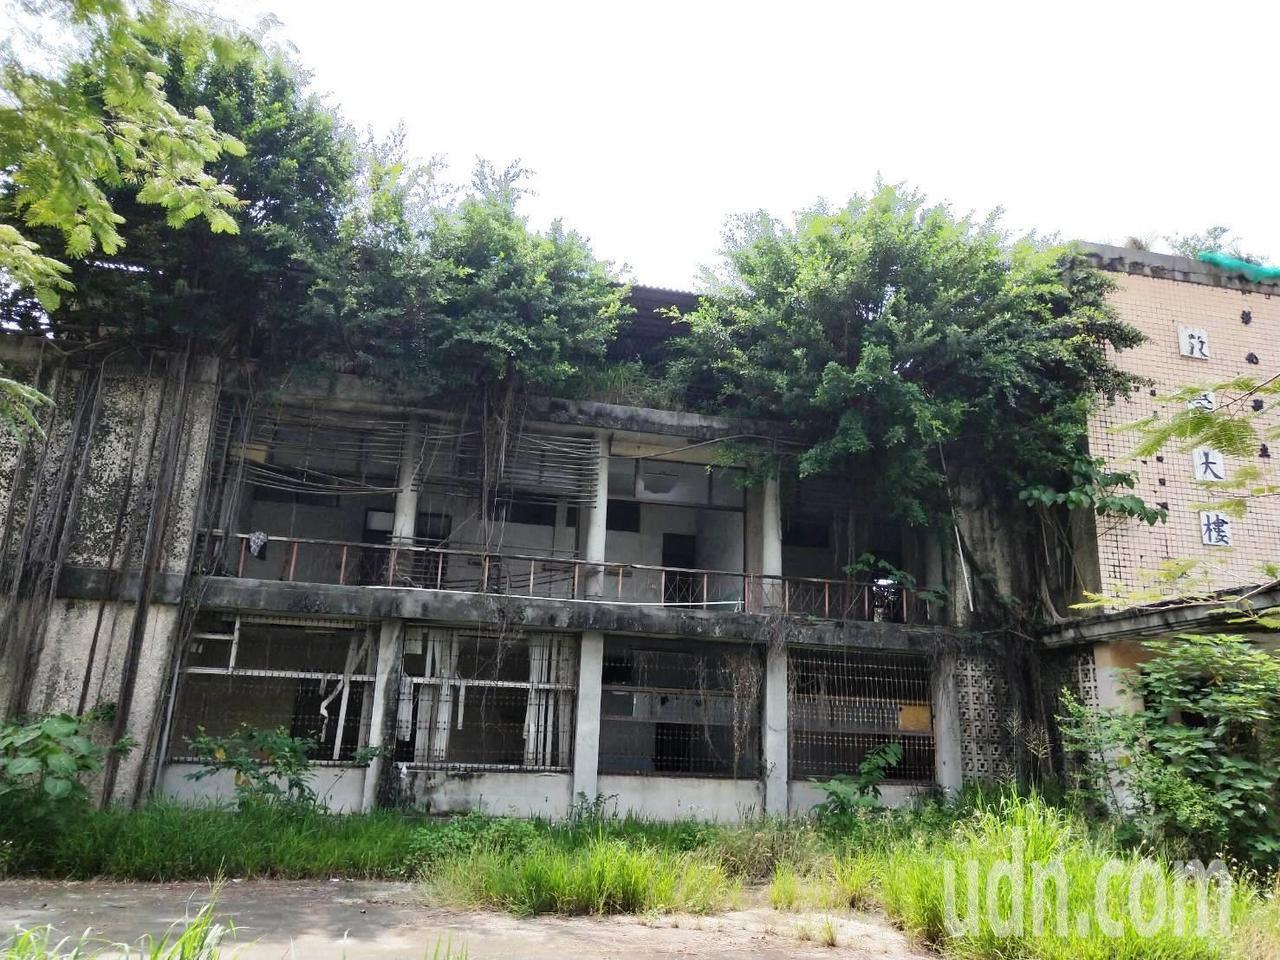 彰化縣立員林醫院閒置20多年,外牆長出3株榕樹,氣根盤據牆壁。聯合報系資料照片